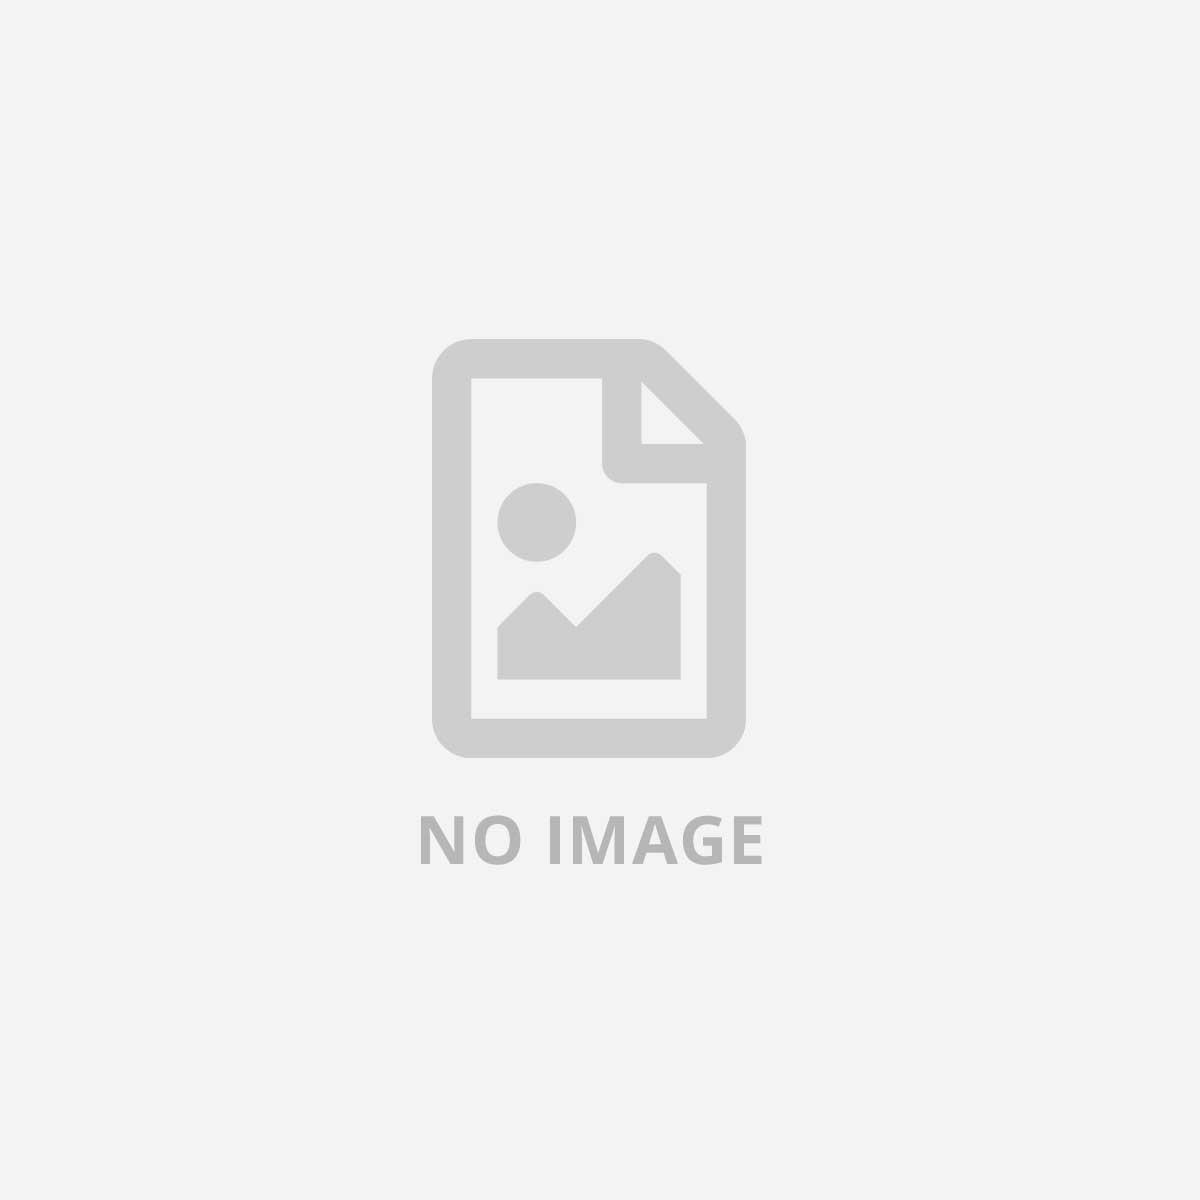 VARTA CF4 SUPERLIFE ZINCO CARBONE AAA